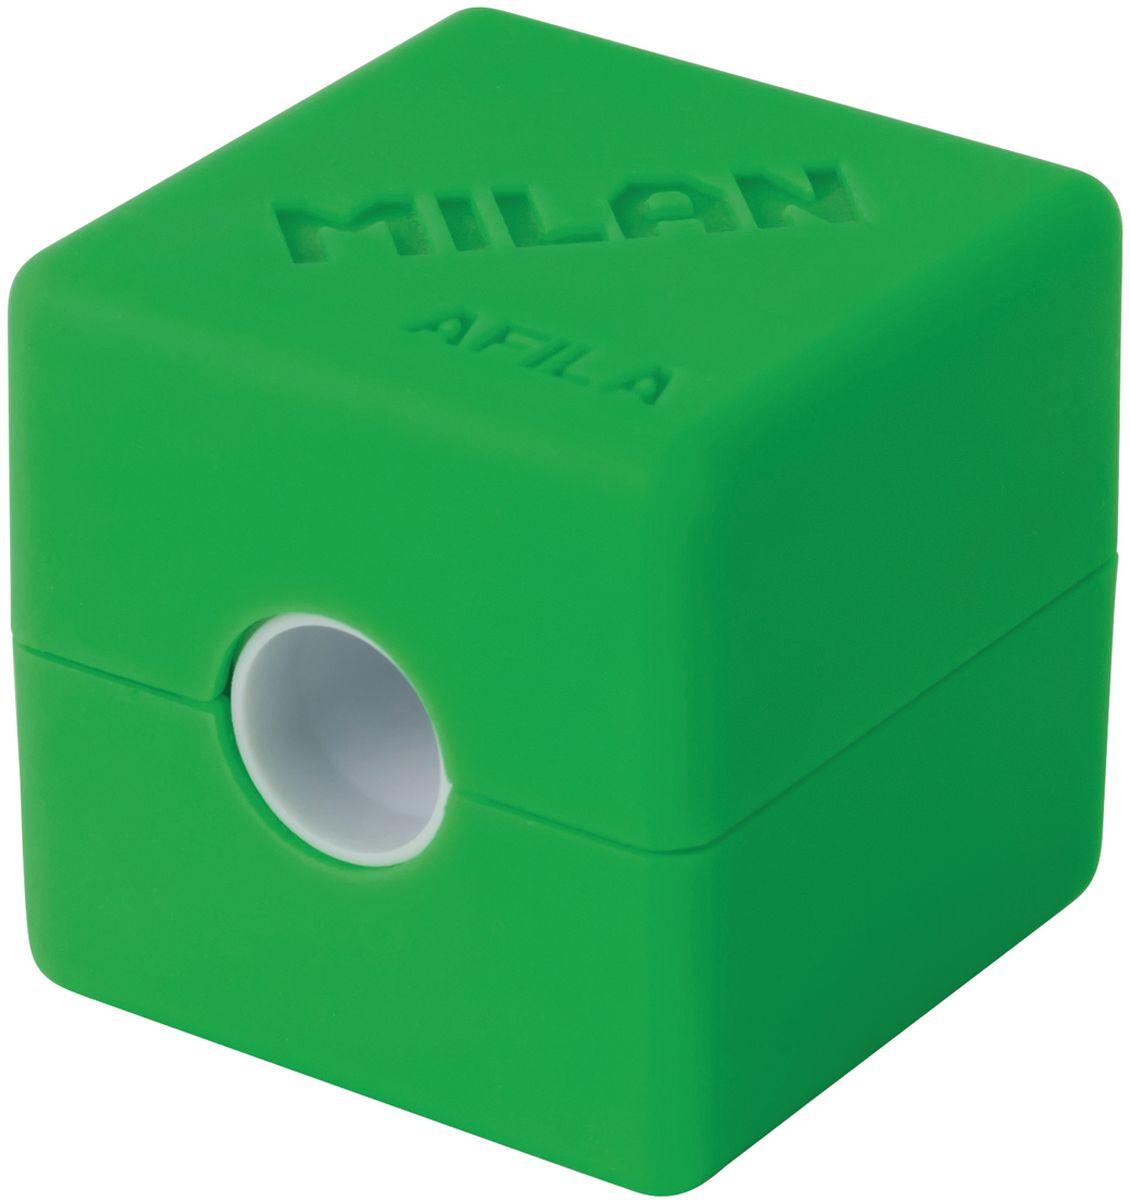 Milan Точилка Cubic с контейнером20154216Точилка представляет собой кубик с открывающейся и закрывающейся крышечкой и отверстием для карандашей. Подходит для заточки чернографитных и цветных карандашей. Цвета: черный, серый, желтый и красный. Особая конструкция точилки предотвращает выпадение лезвия и, таким образом, делает работу комфортной и безопасной. 1 отверстие.